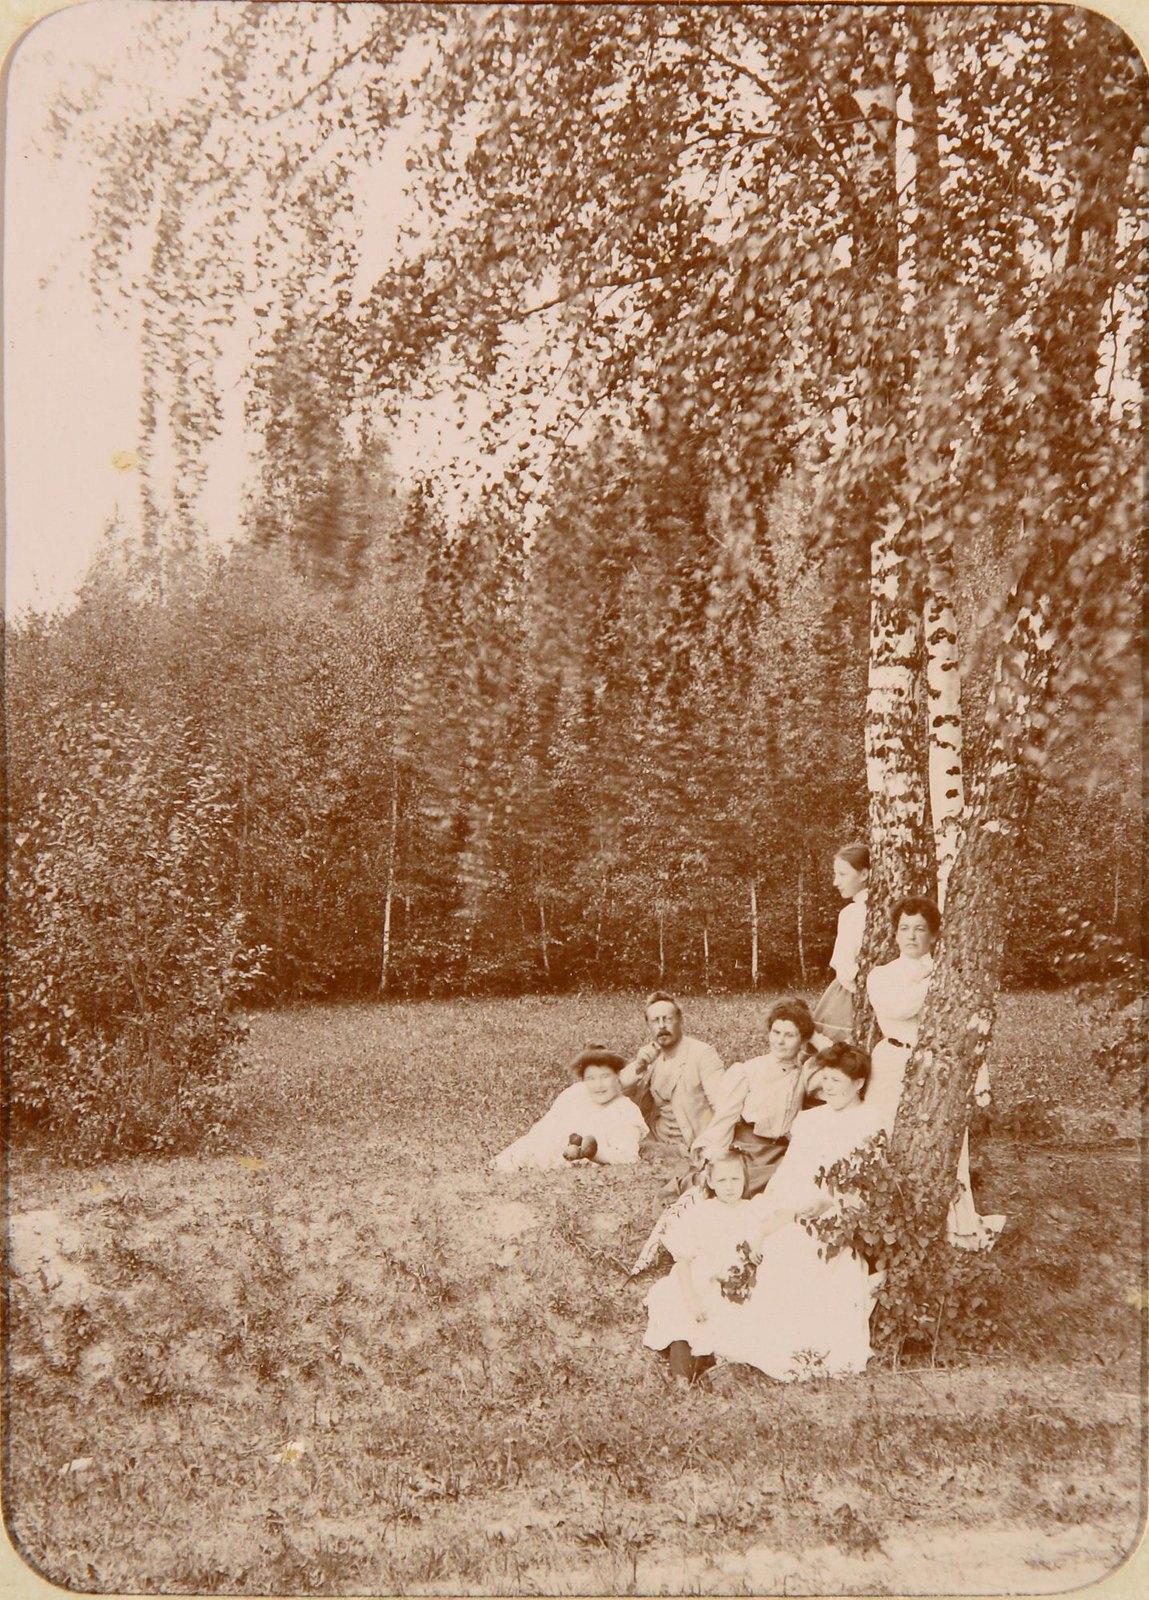 05. Групповой снимок отдыхающих на поляне